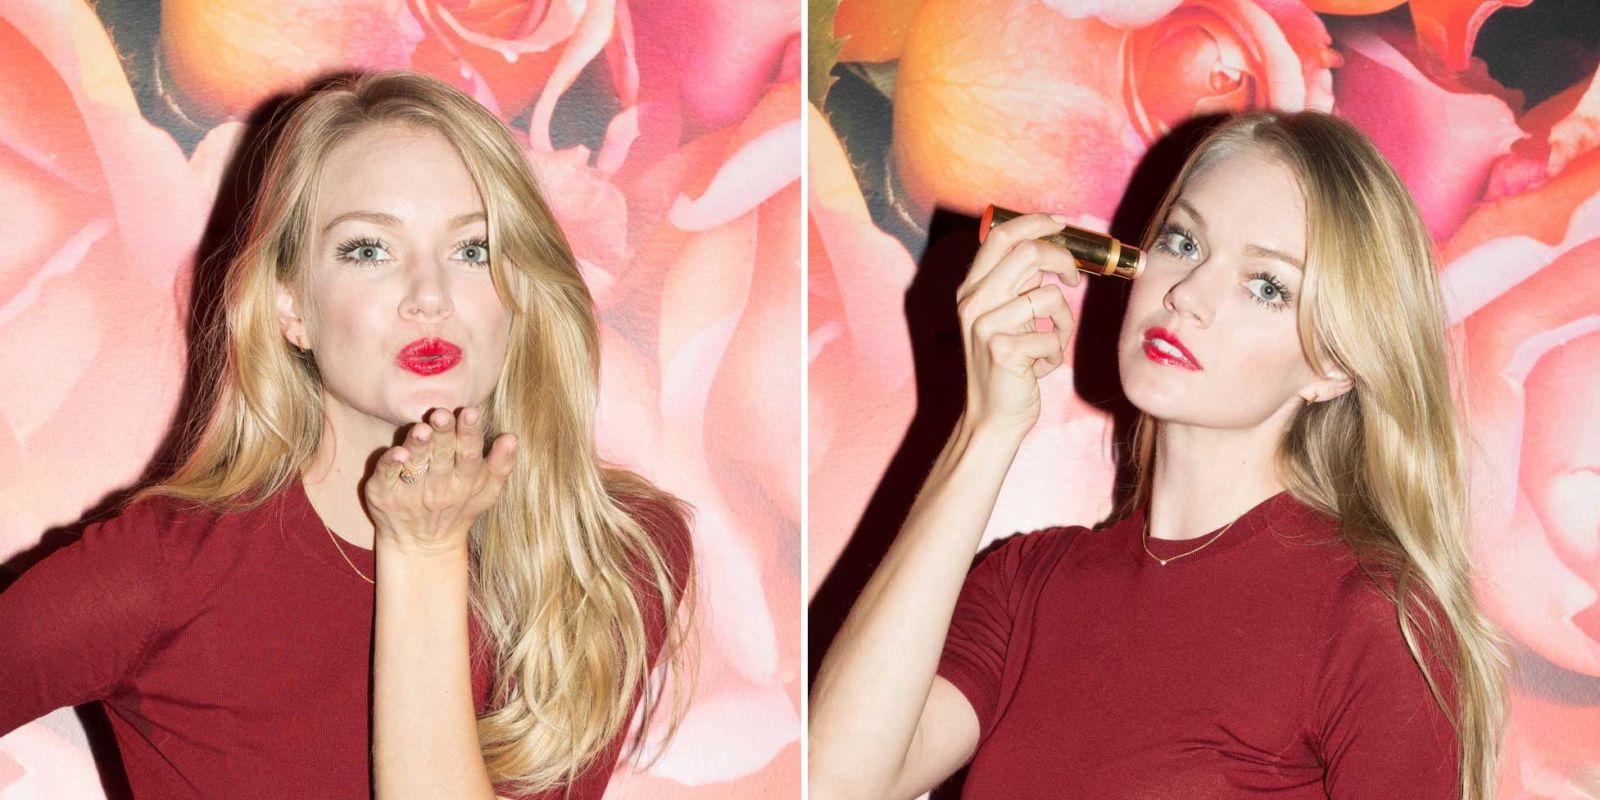 model lindsay ellingson reveals her biggest body insecurity